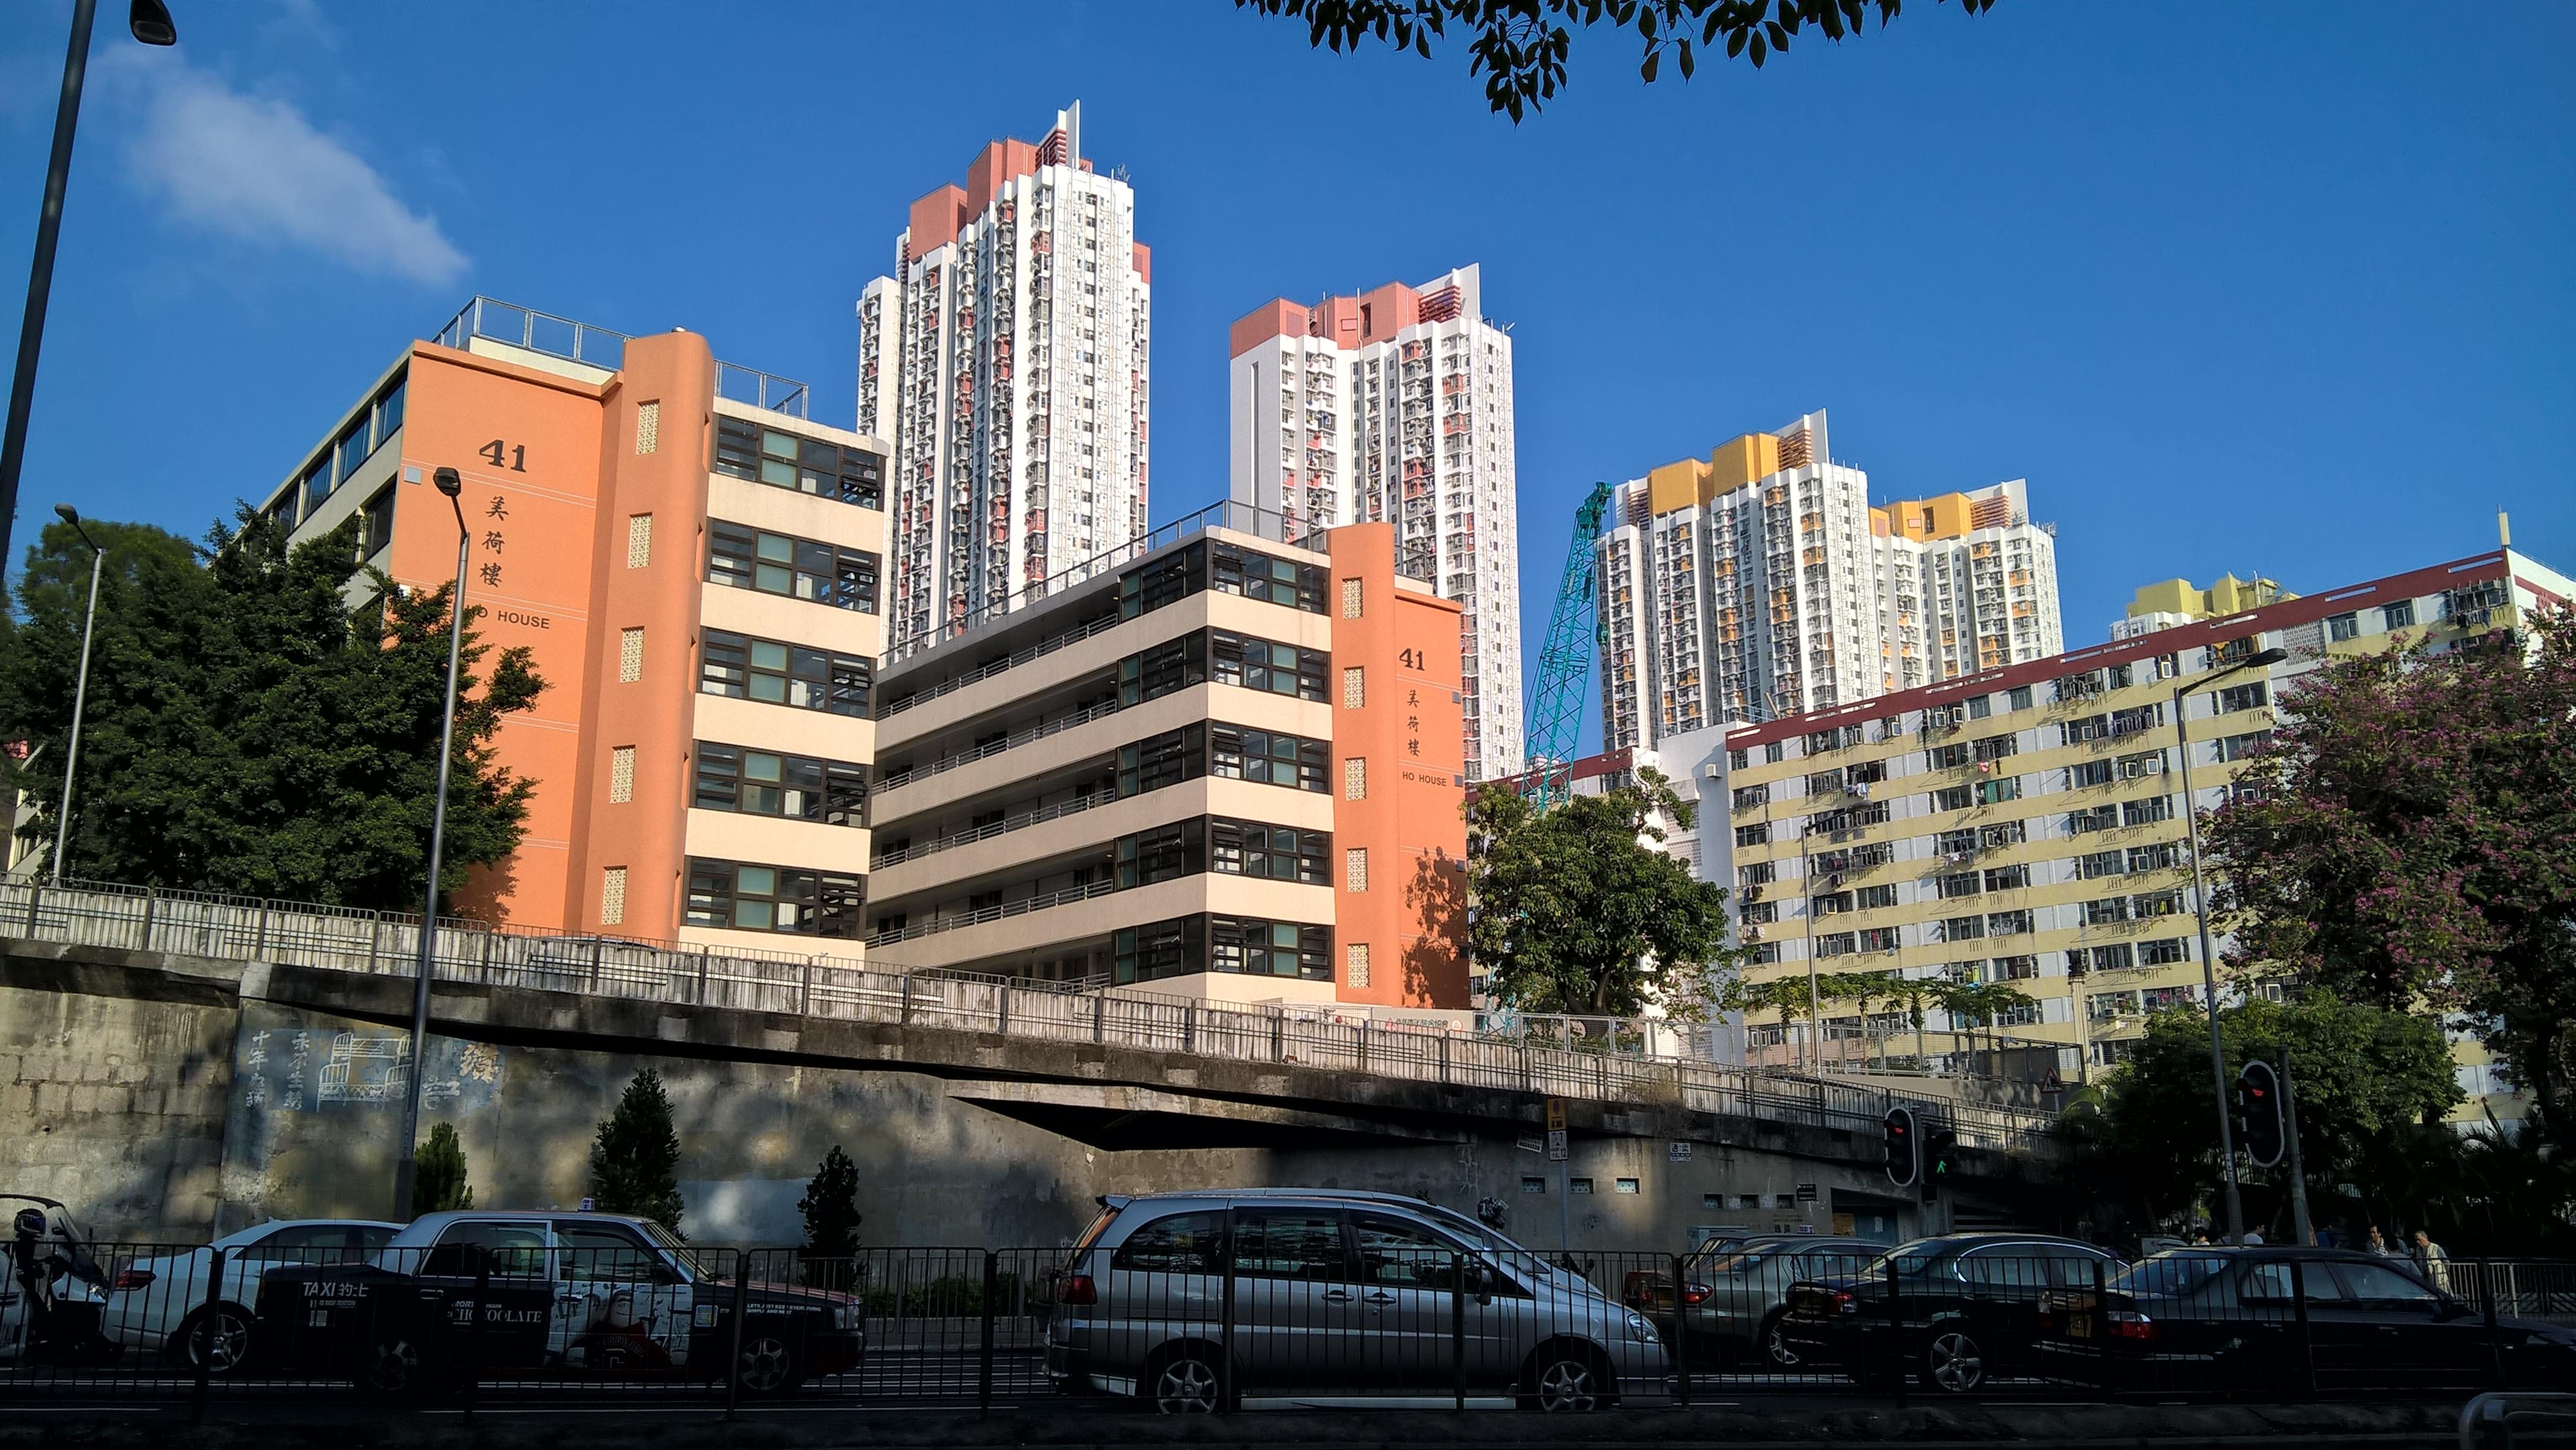 Learn public housing history at Mei Ho House